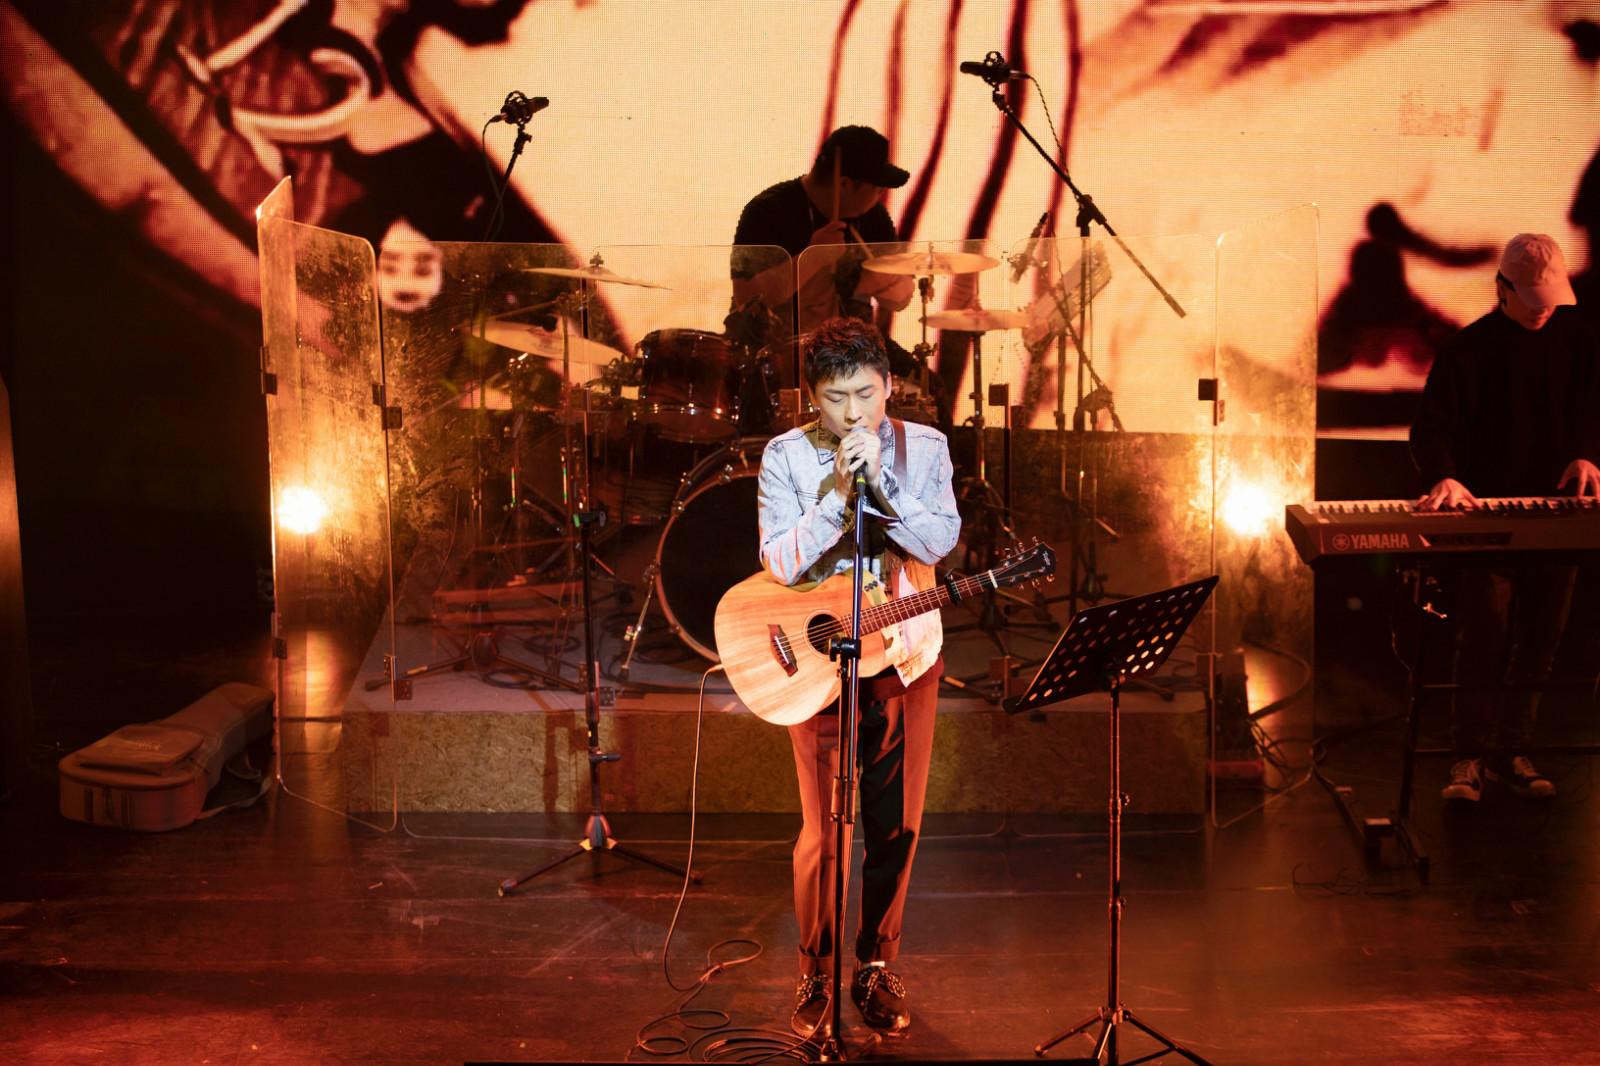 柏松最新单曲《寻常岁月诗》今日上线 用温情歌声诉说岁月静好